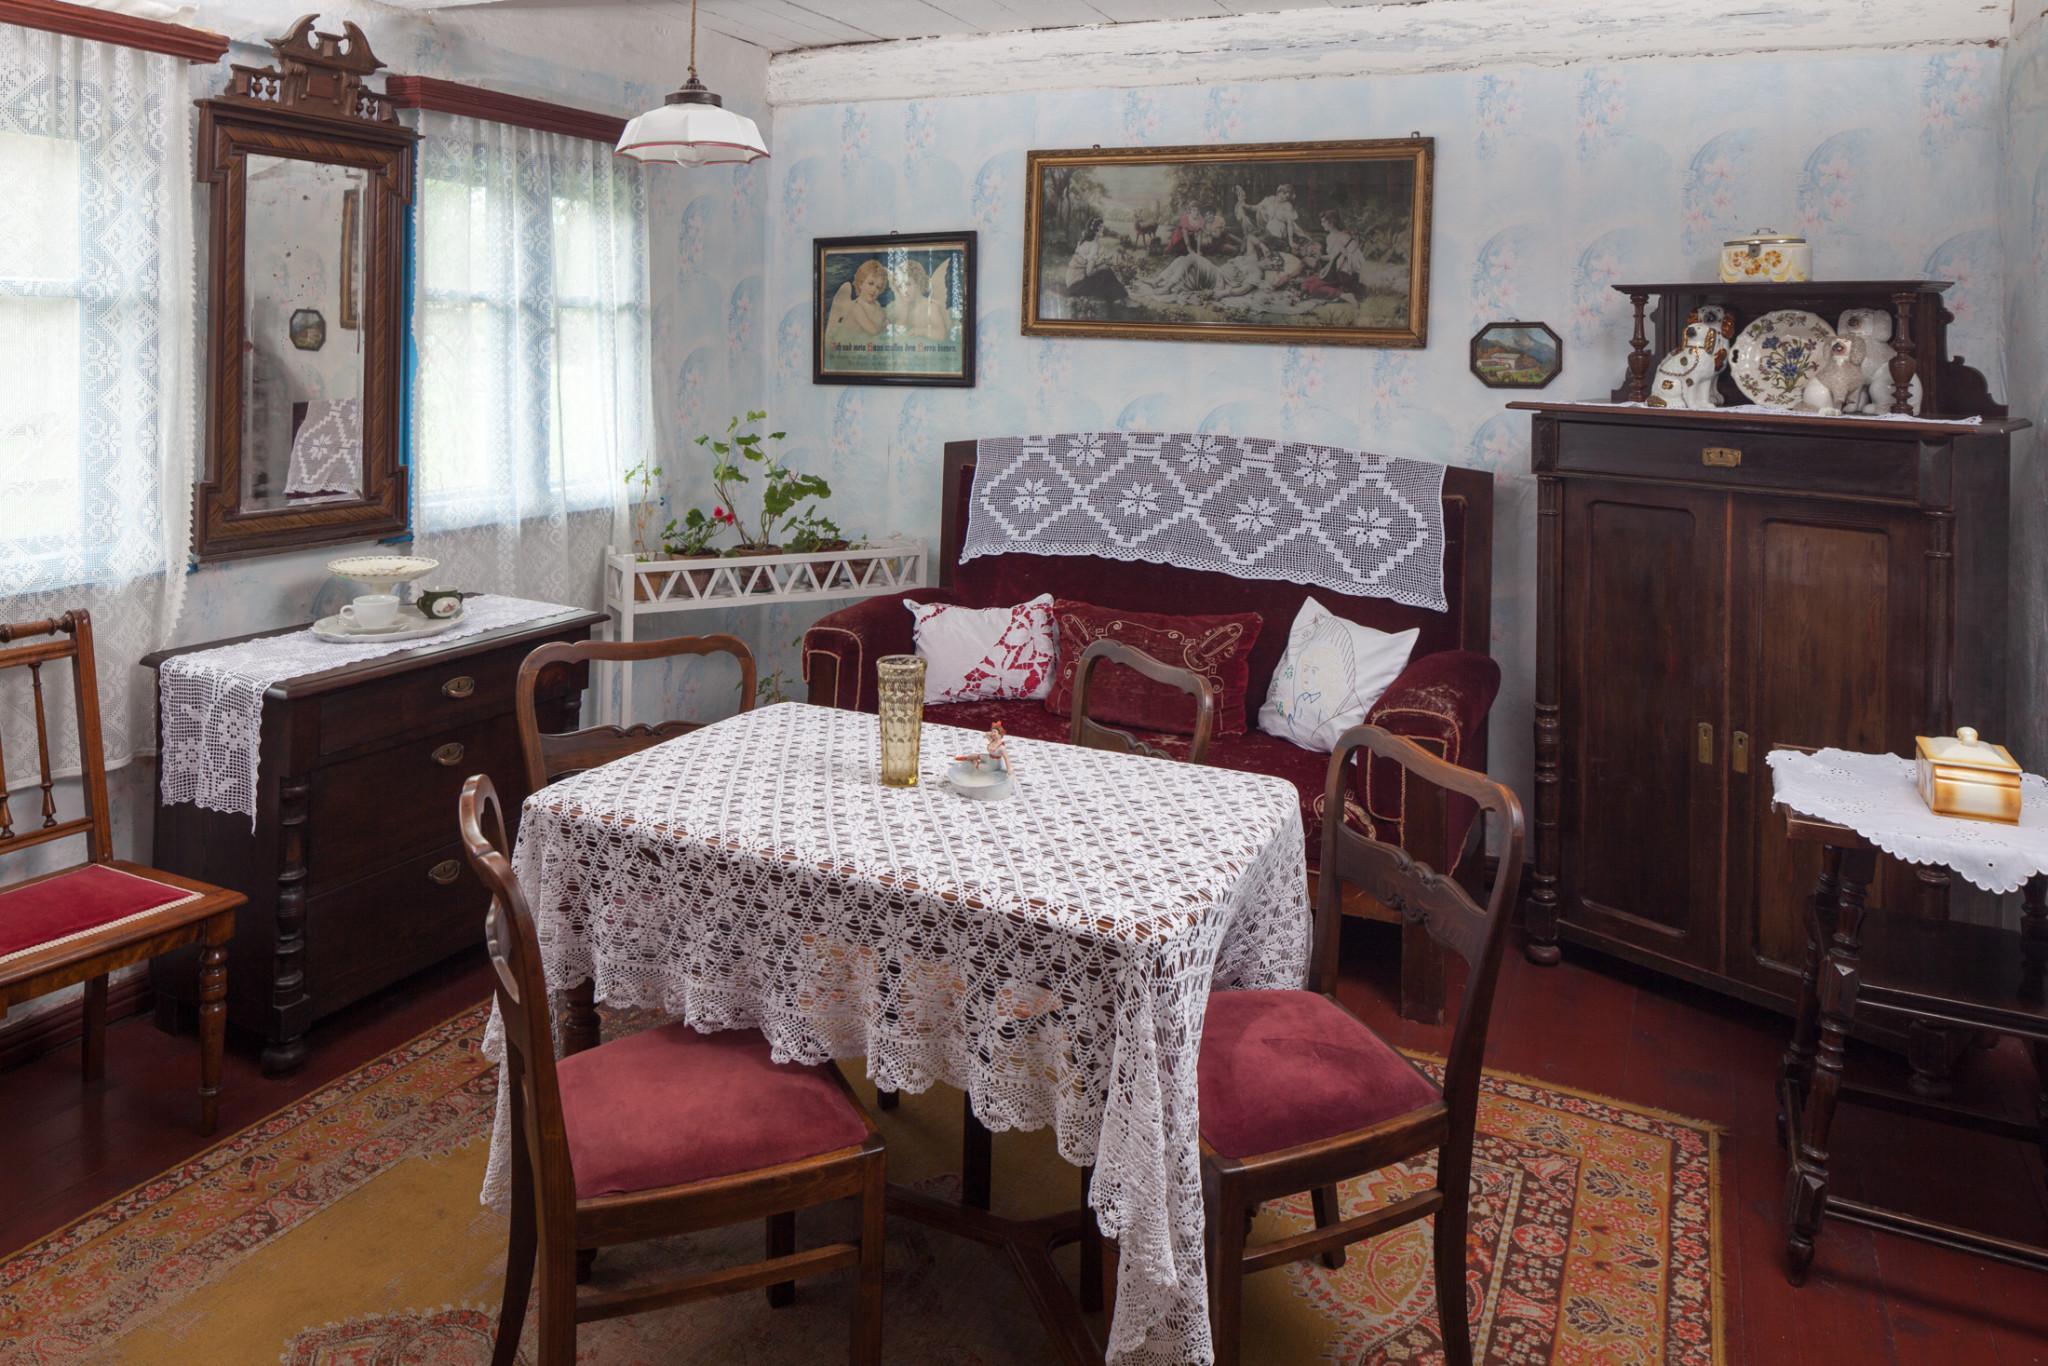 Salonik w chałupie Keitschicków z Kluk Żeleskich, lata 40.